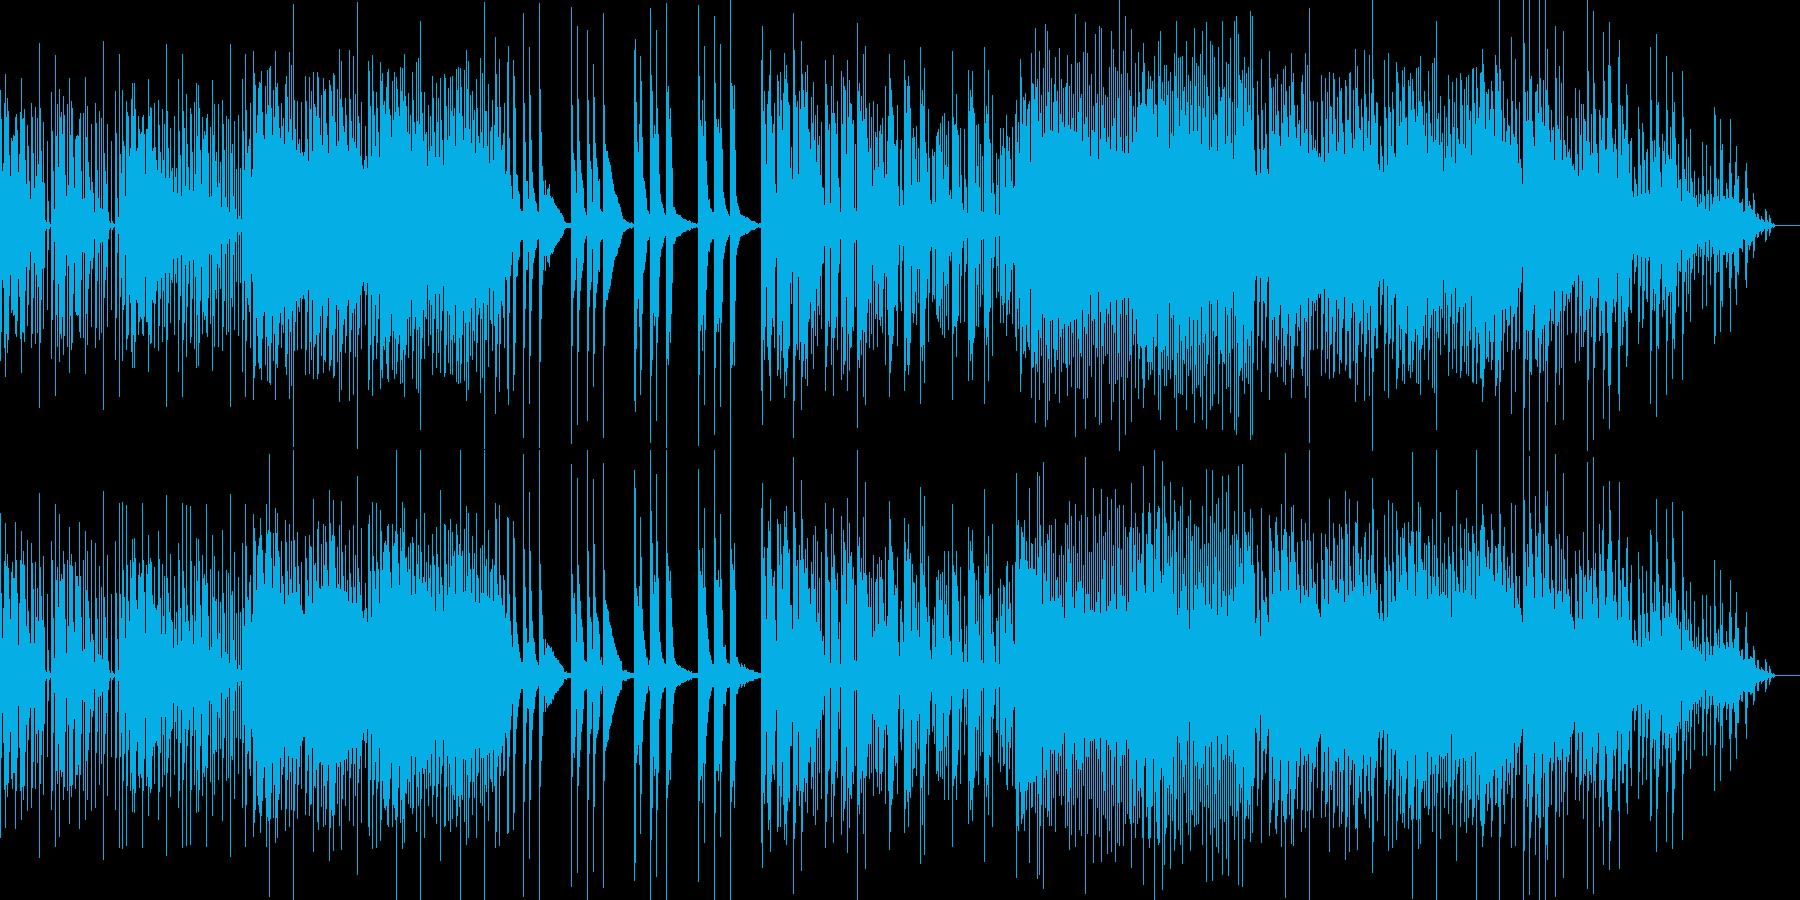 シンプルなR&Bの再生済みの波形